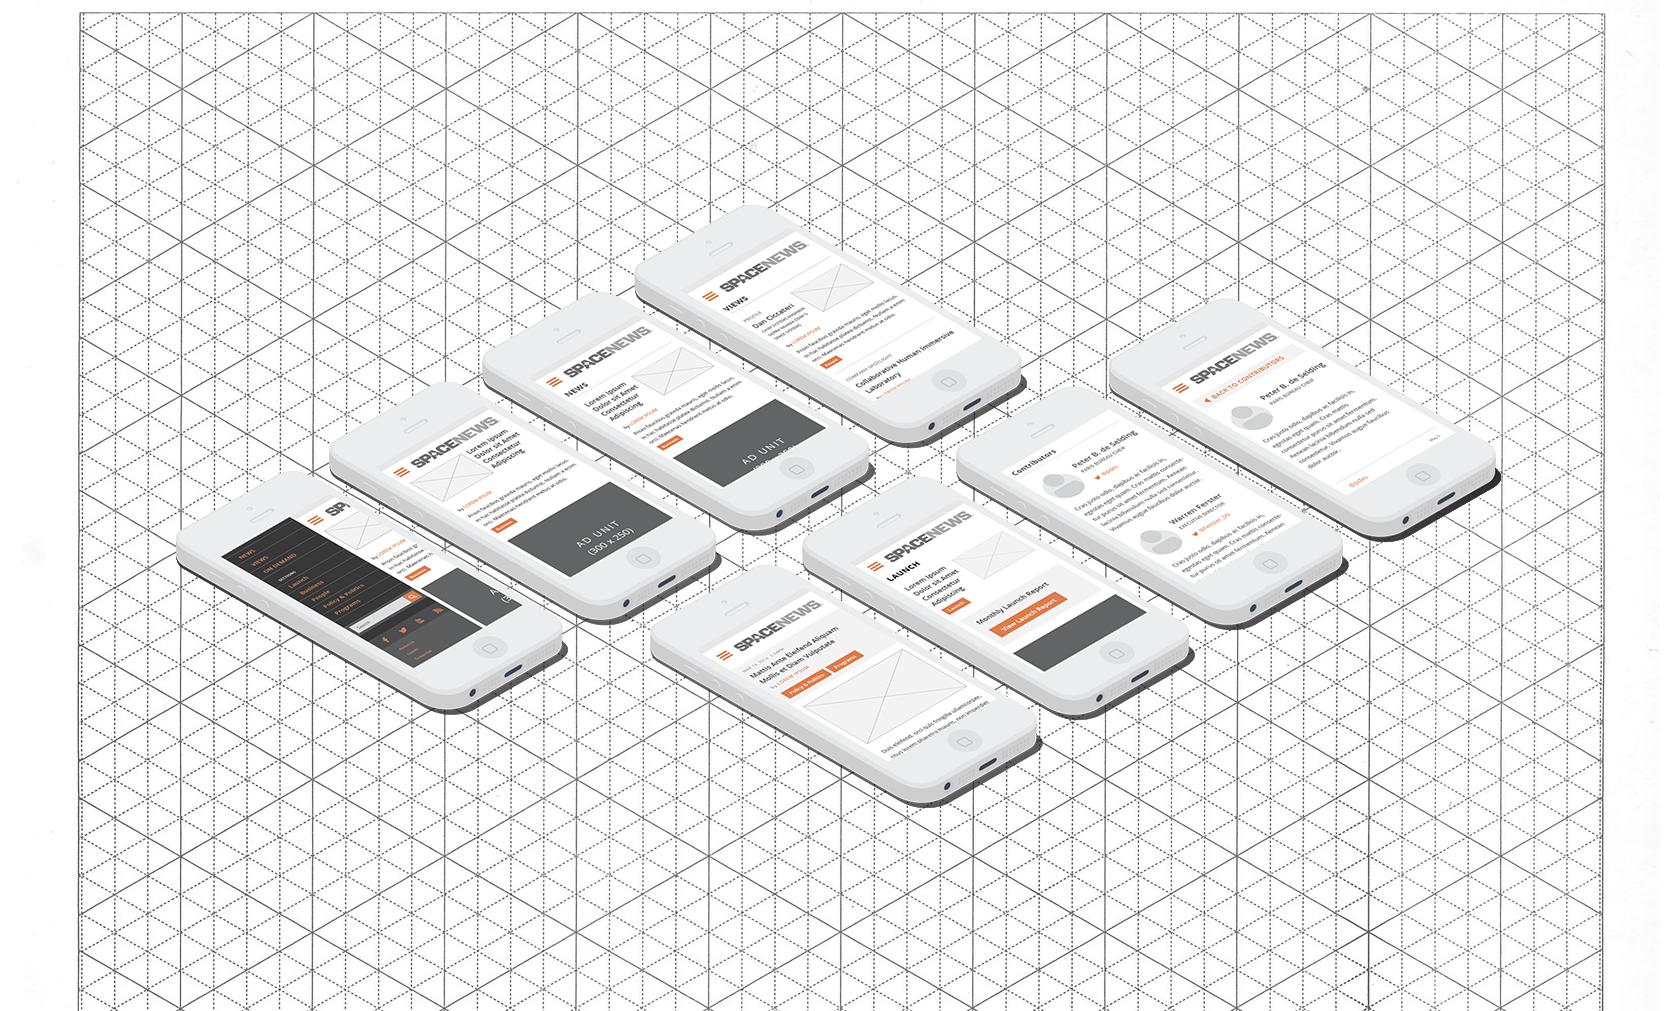 Spacenews mobile prototype comps